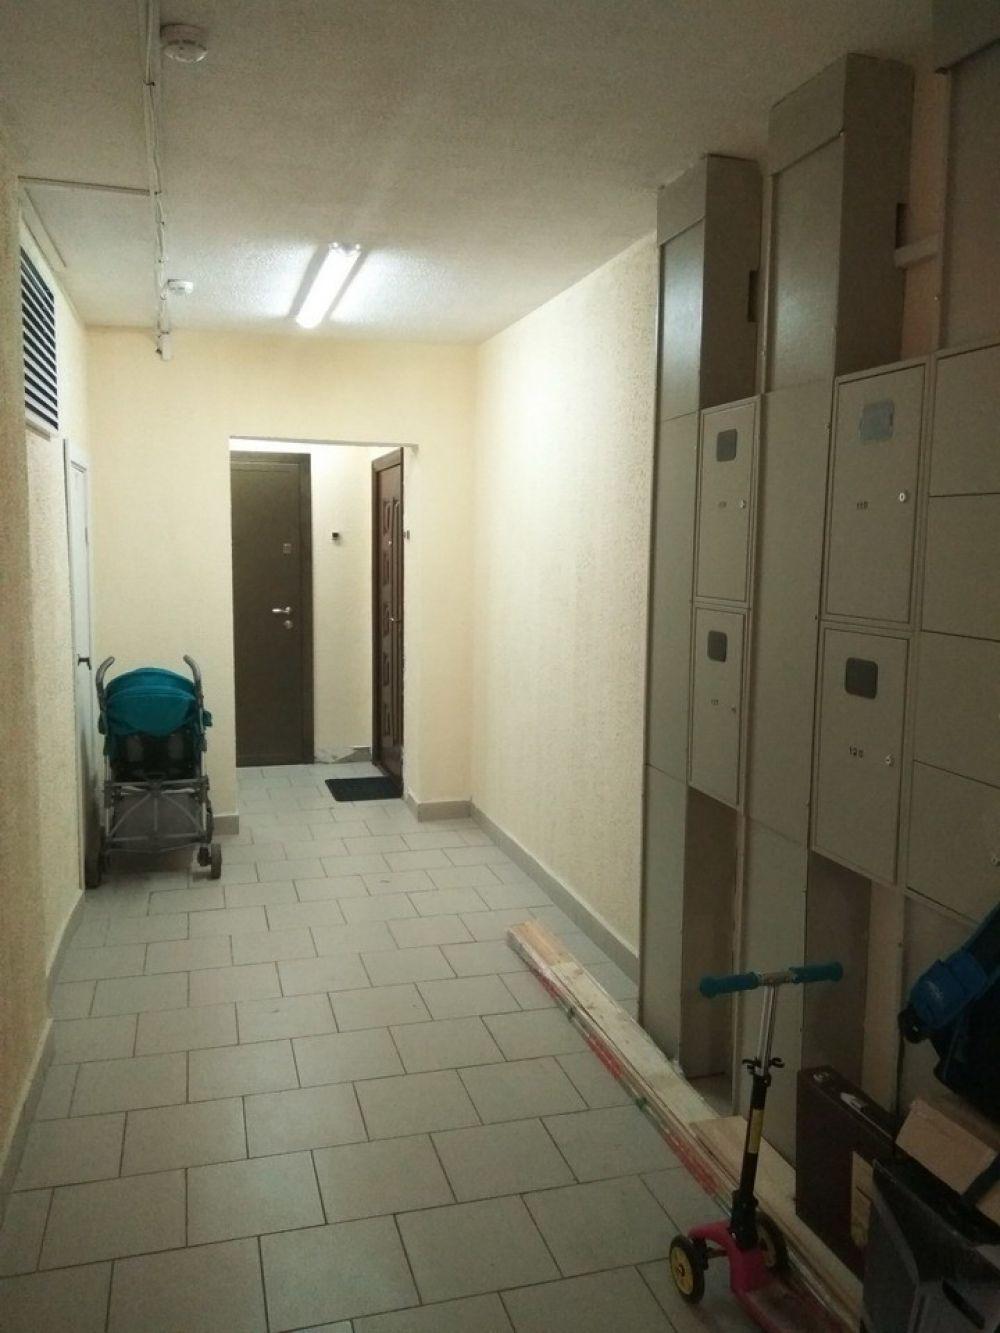 Однокомнатная квартира улучшенной планировки 47.6 м2, г. Щелково, Богородский мкр,10, фото 4